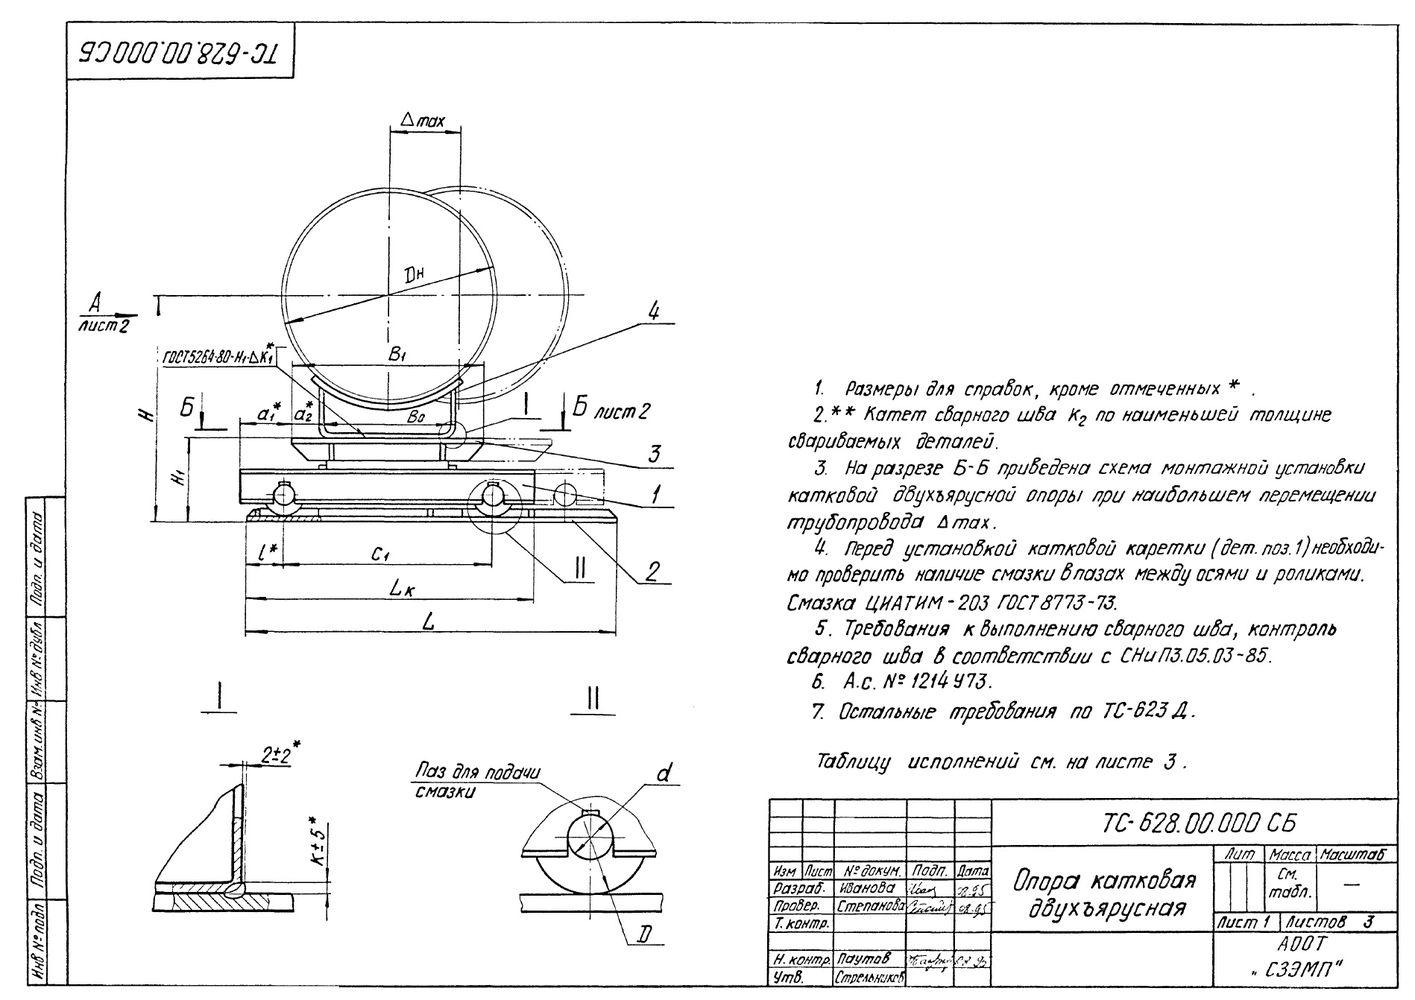 Опора катковая двухъярусная Дн194-1420мм ТС-628.00.000 серия 5.903-13 выпуск 8-95 стр.1